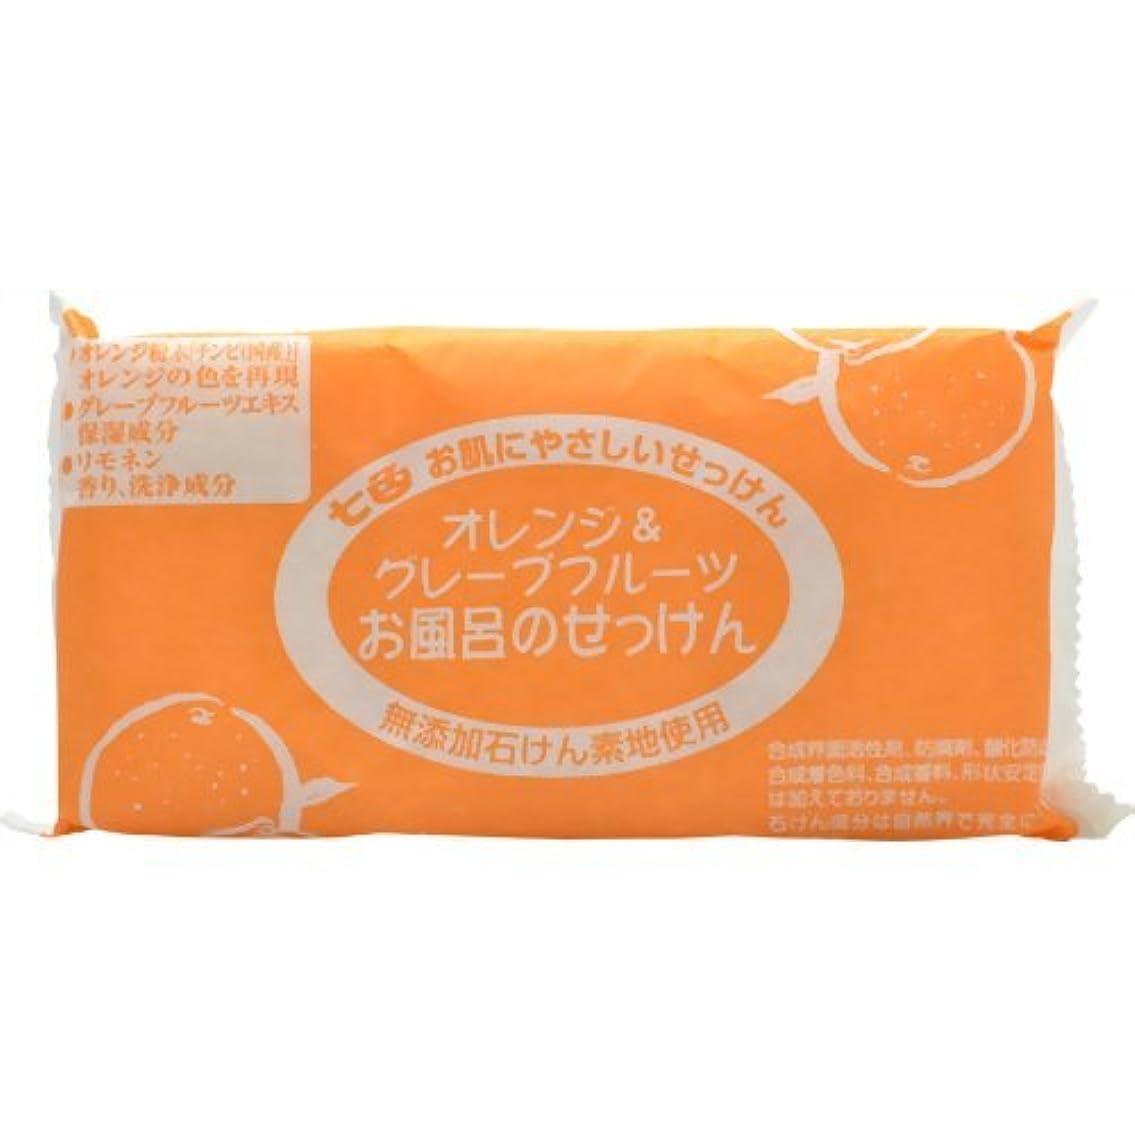 まるは オレンジ&グレープフルーツ お風呂の石鹸 3個入り